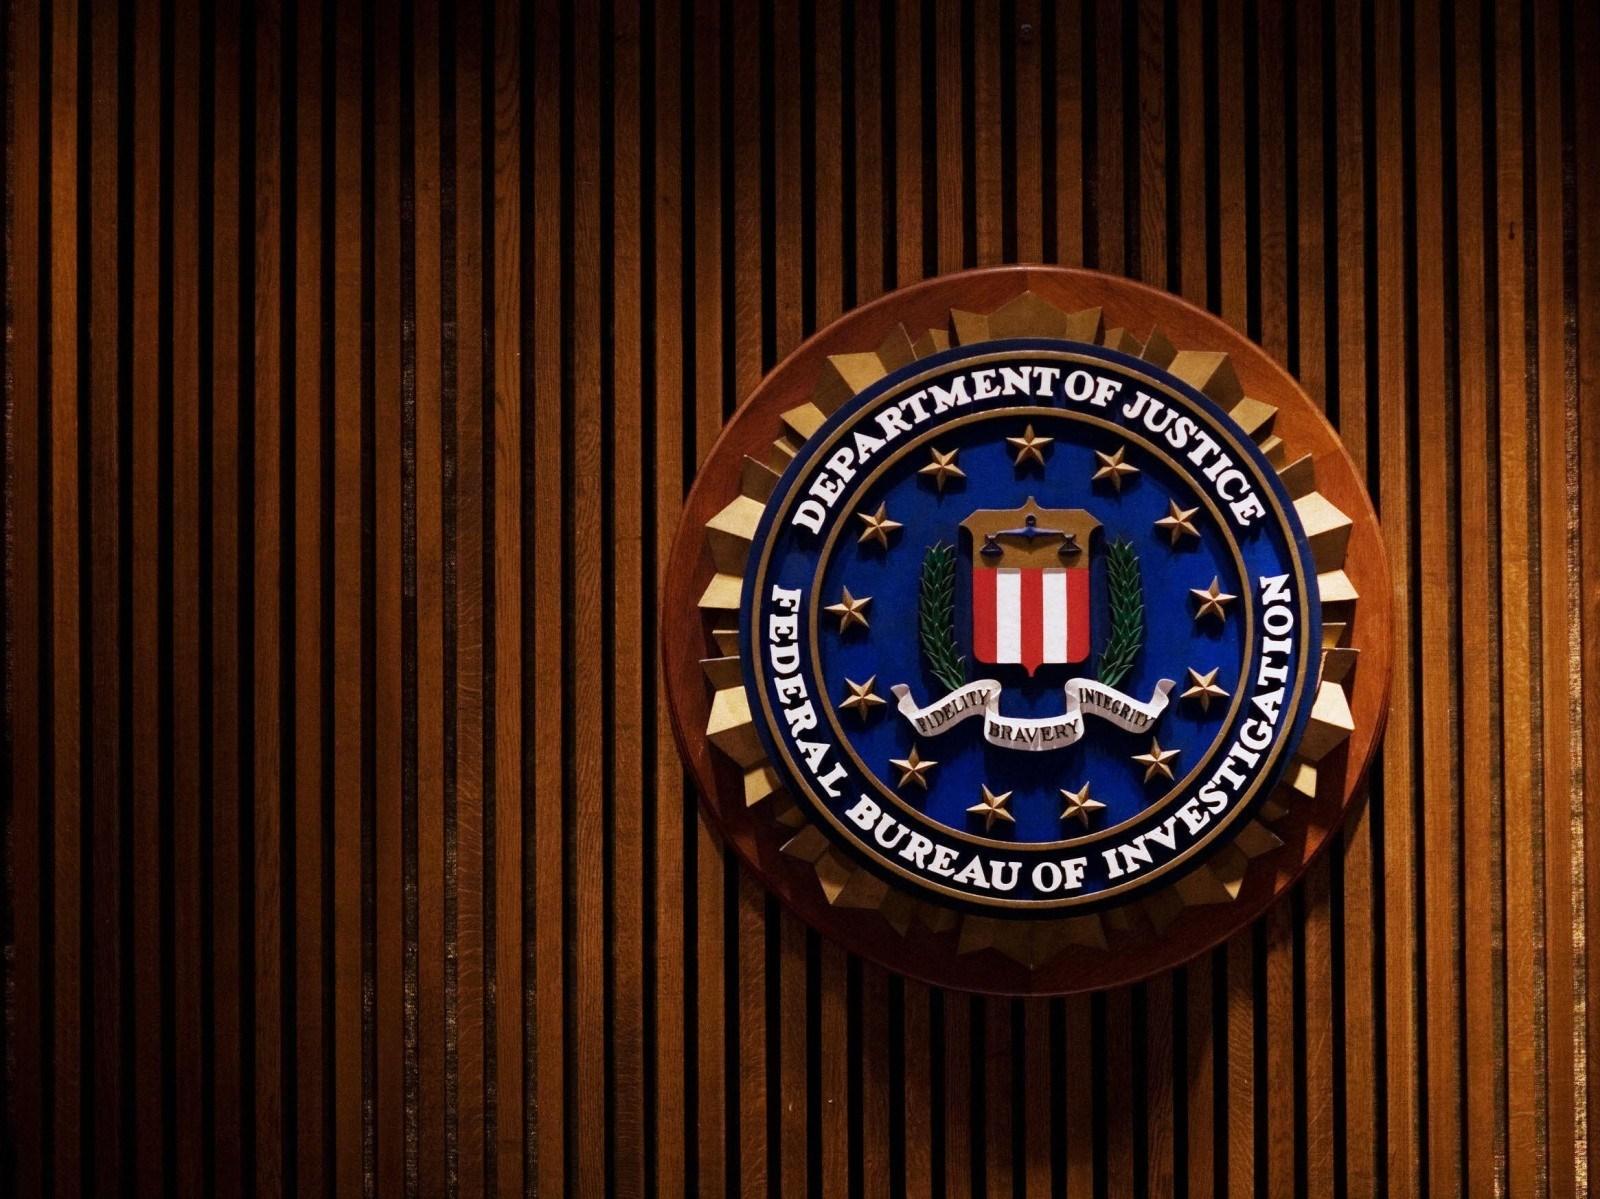 المجمع ناشد كل من لديهم معلومات تتعلّق بالهجوم السيبراني المسارعة إلى الاتصال بمكتب التحقيقات الفيدرالي